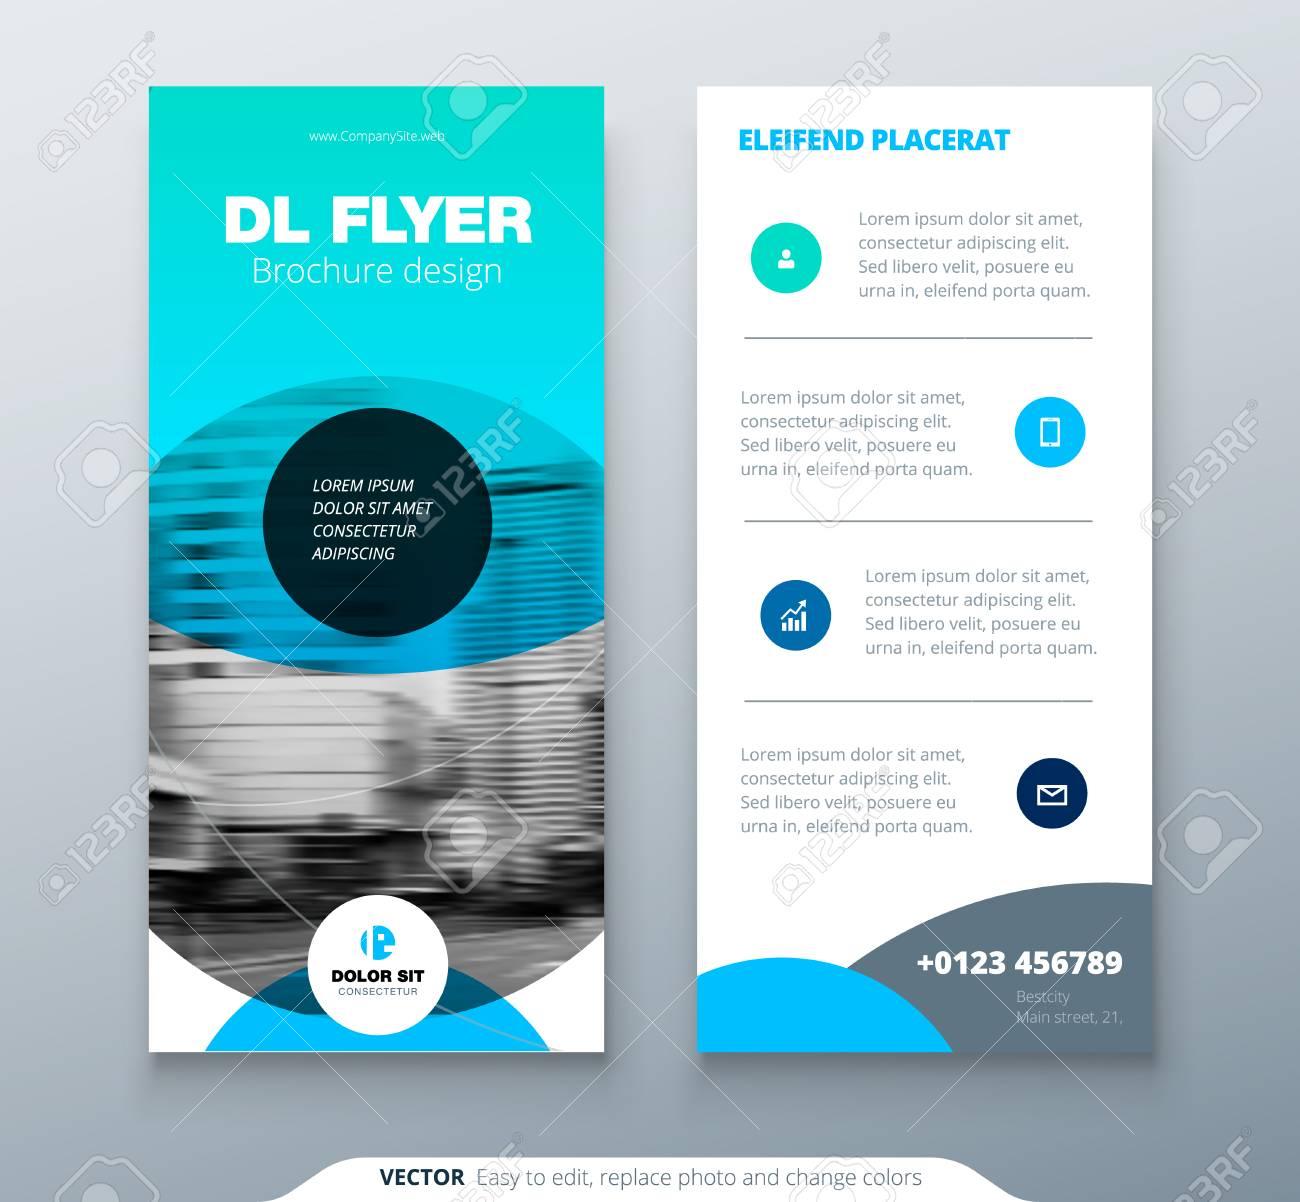 DL Flyer Design. Blue Business Template For Dl Flyer. Layout ...